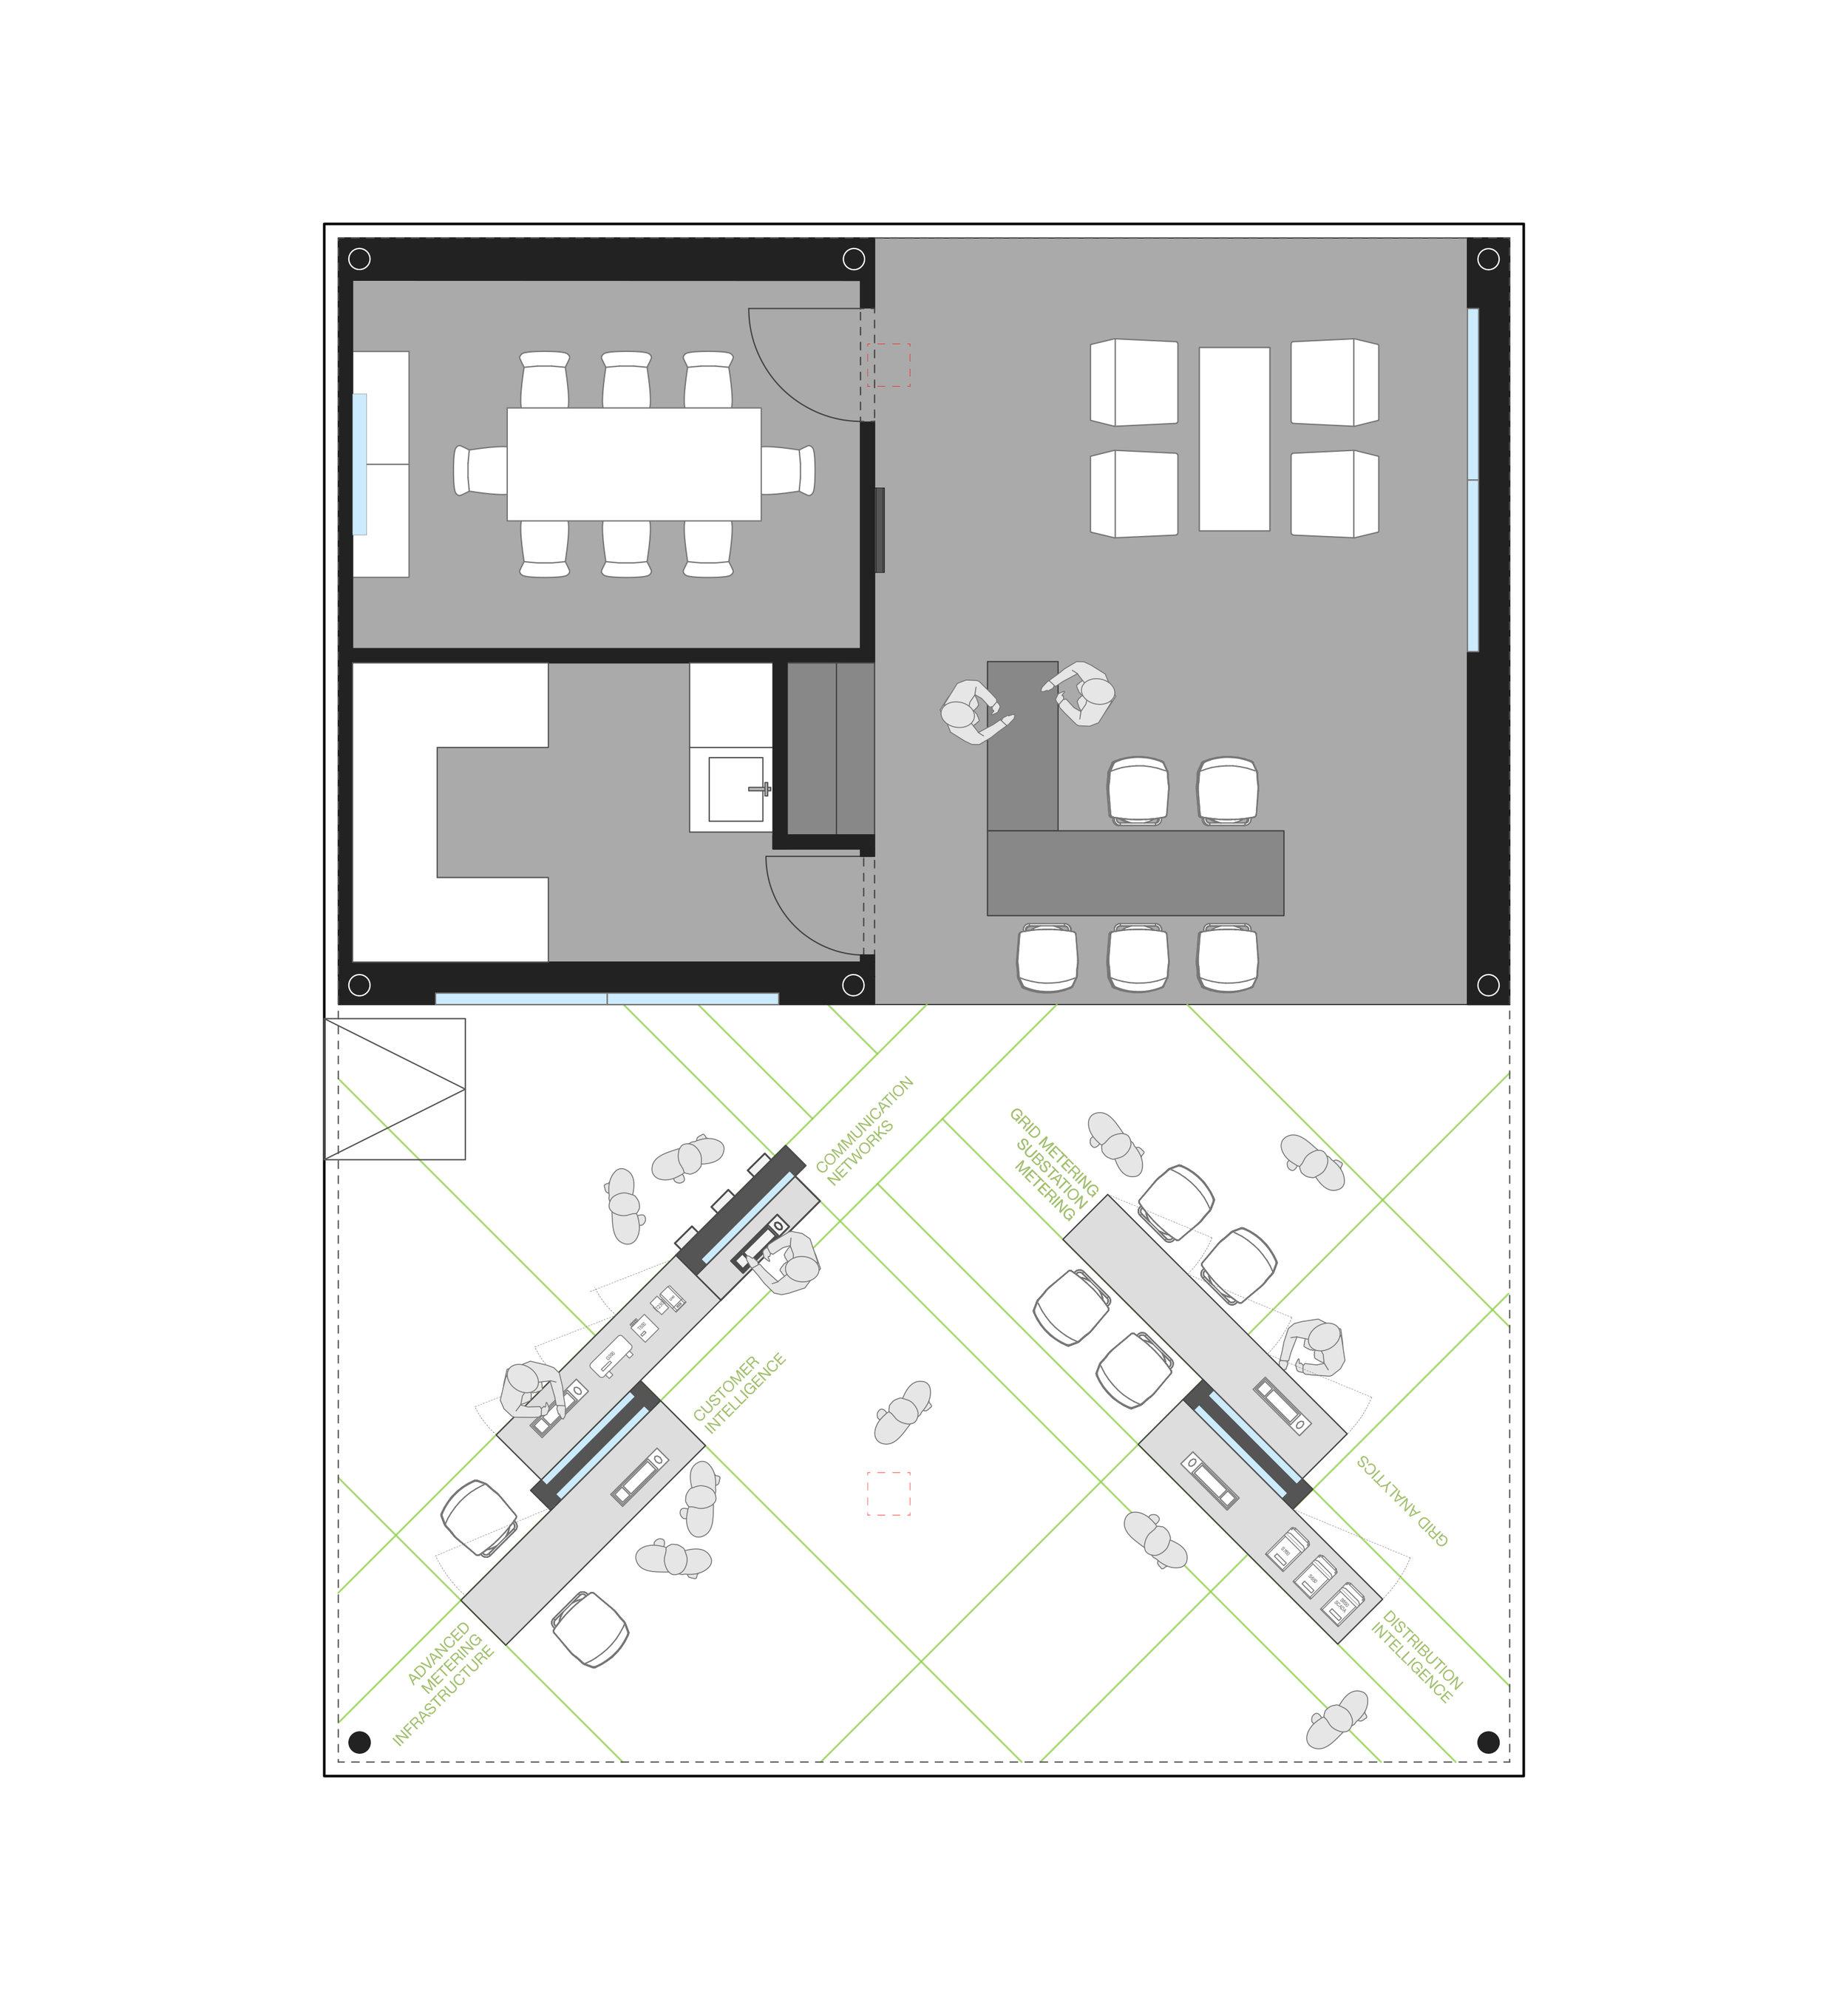 landis-gyr_tradefair-exhibition-design_coordination-berlin_10.jpg